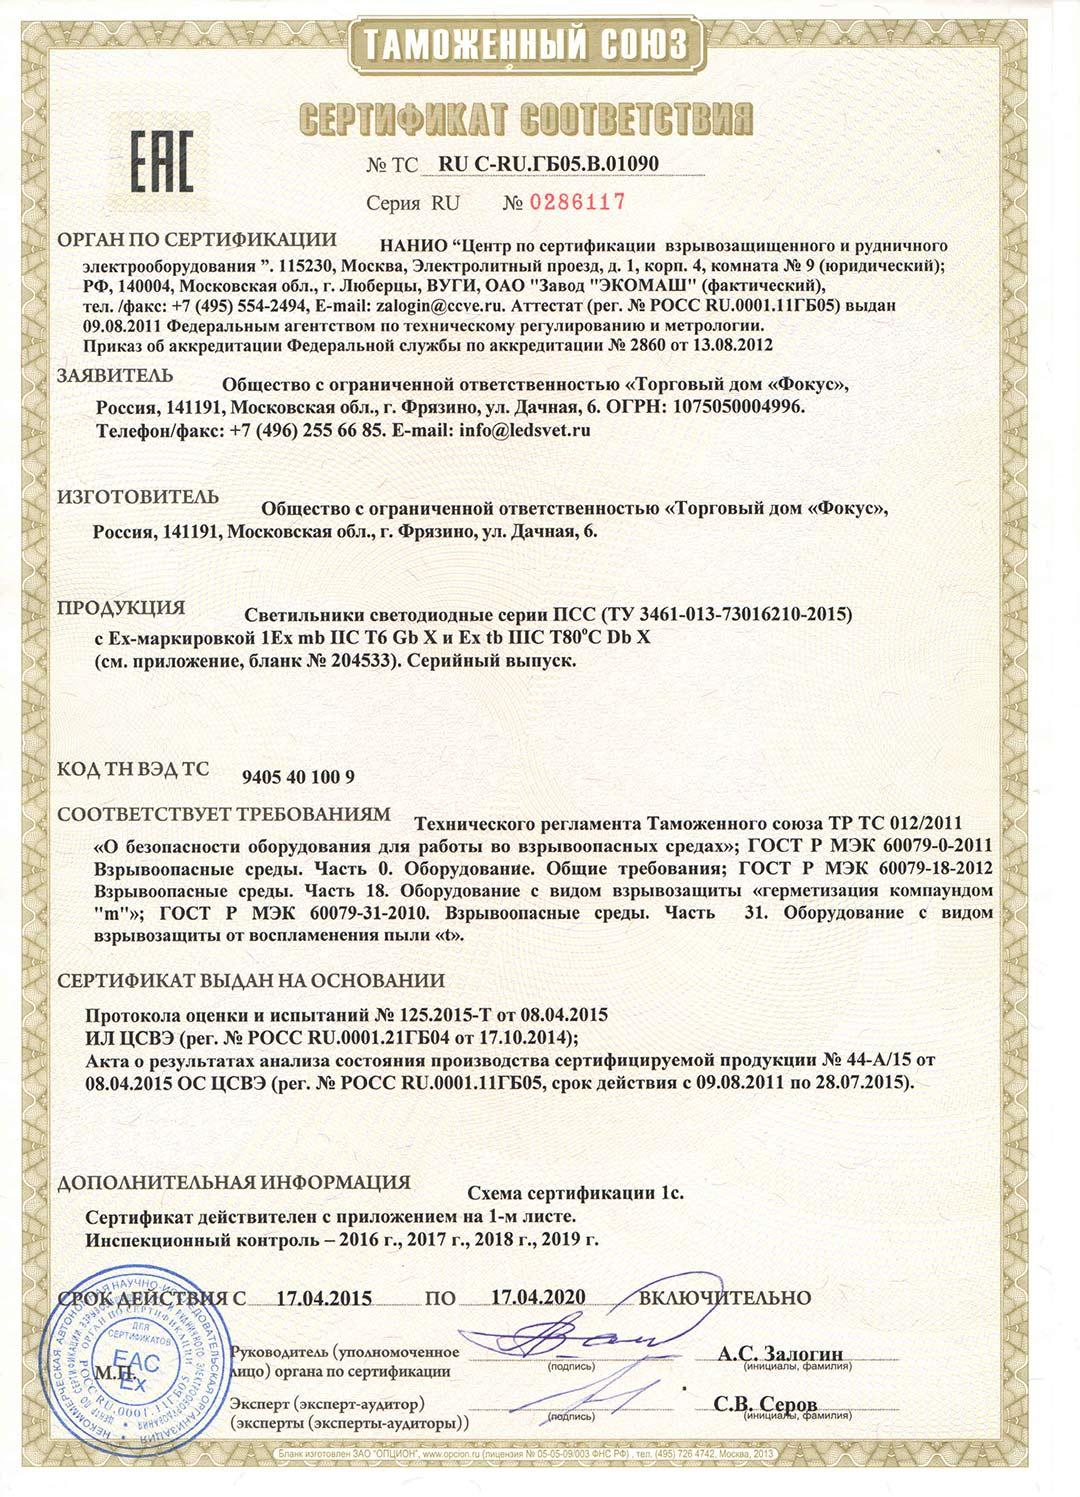 Сертификат соответствия Таможенного союза на светильники ПСС Ex